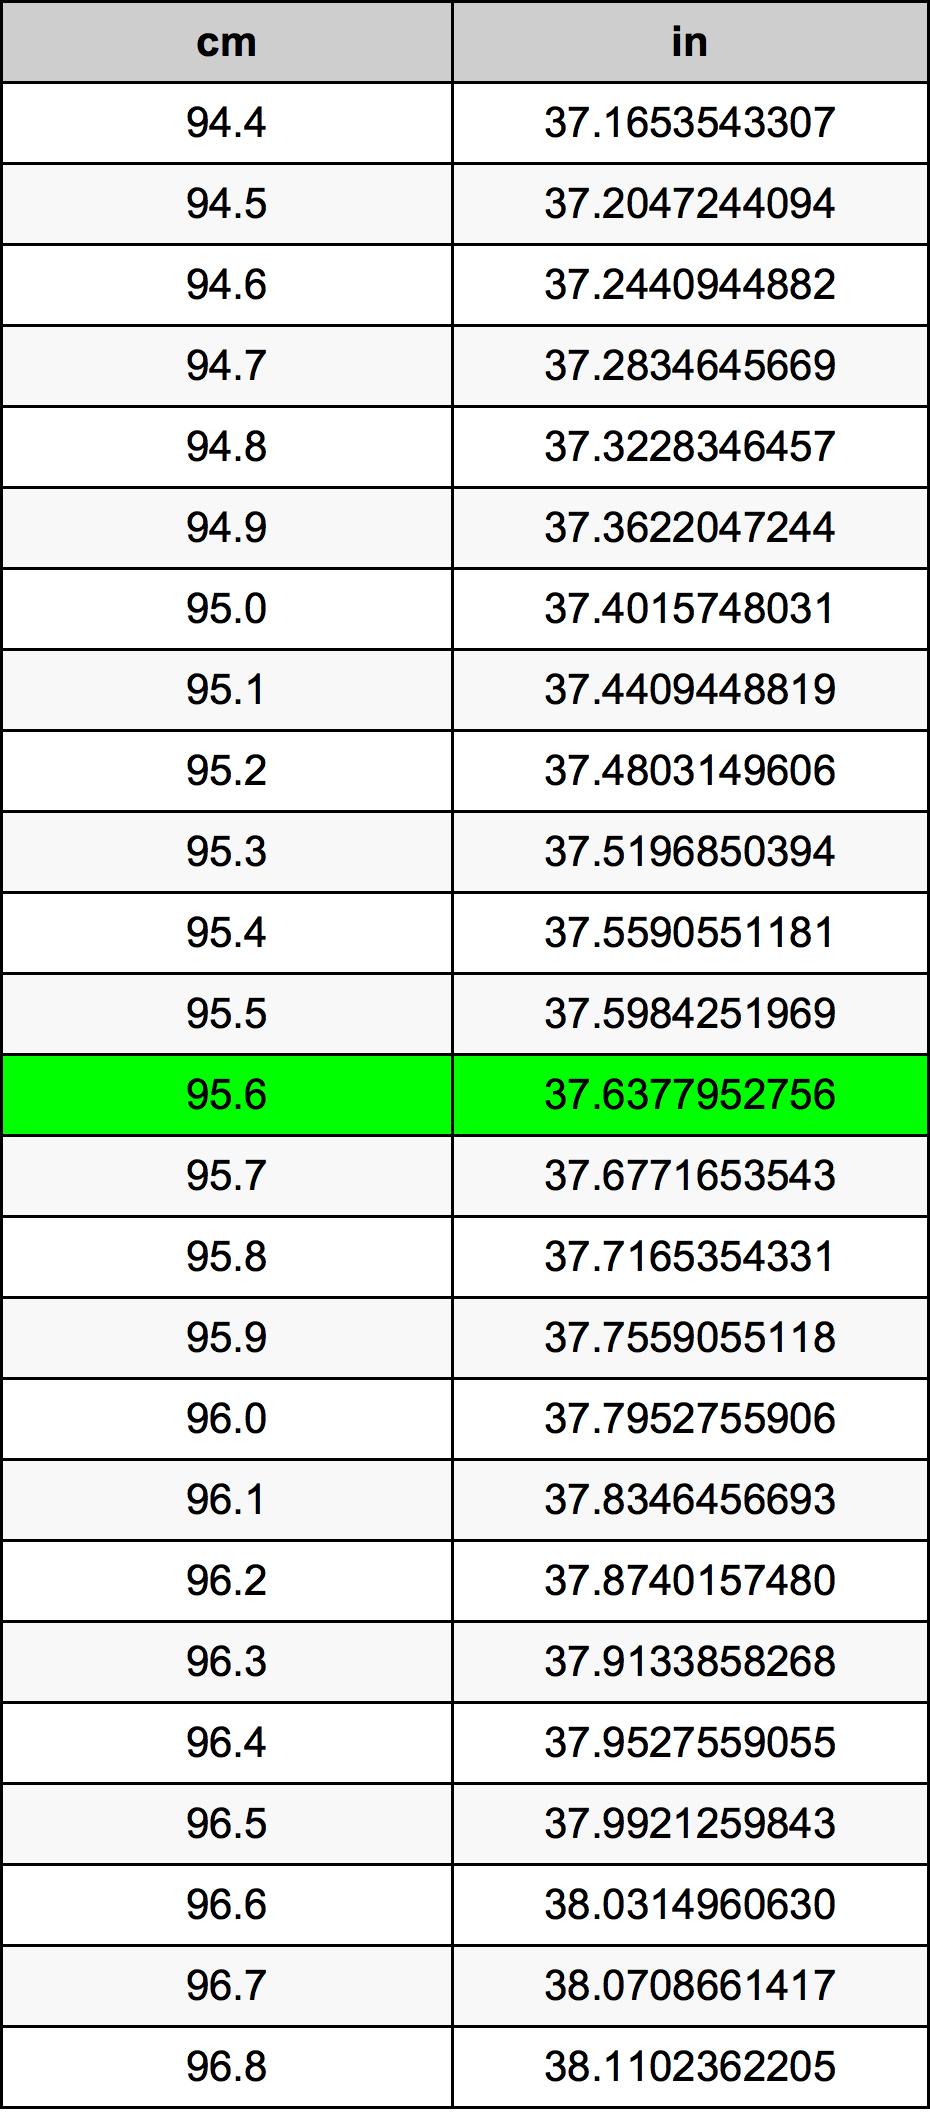 95.6 Centimetar Tablica konverzije